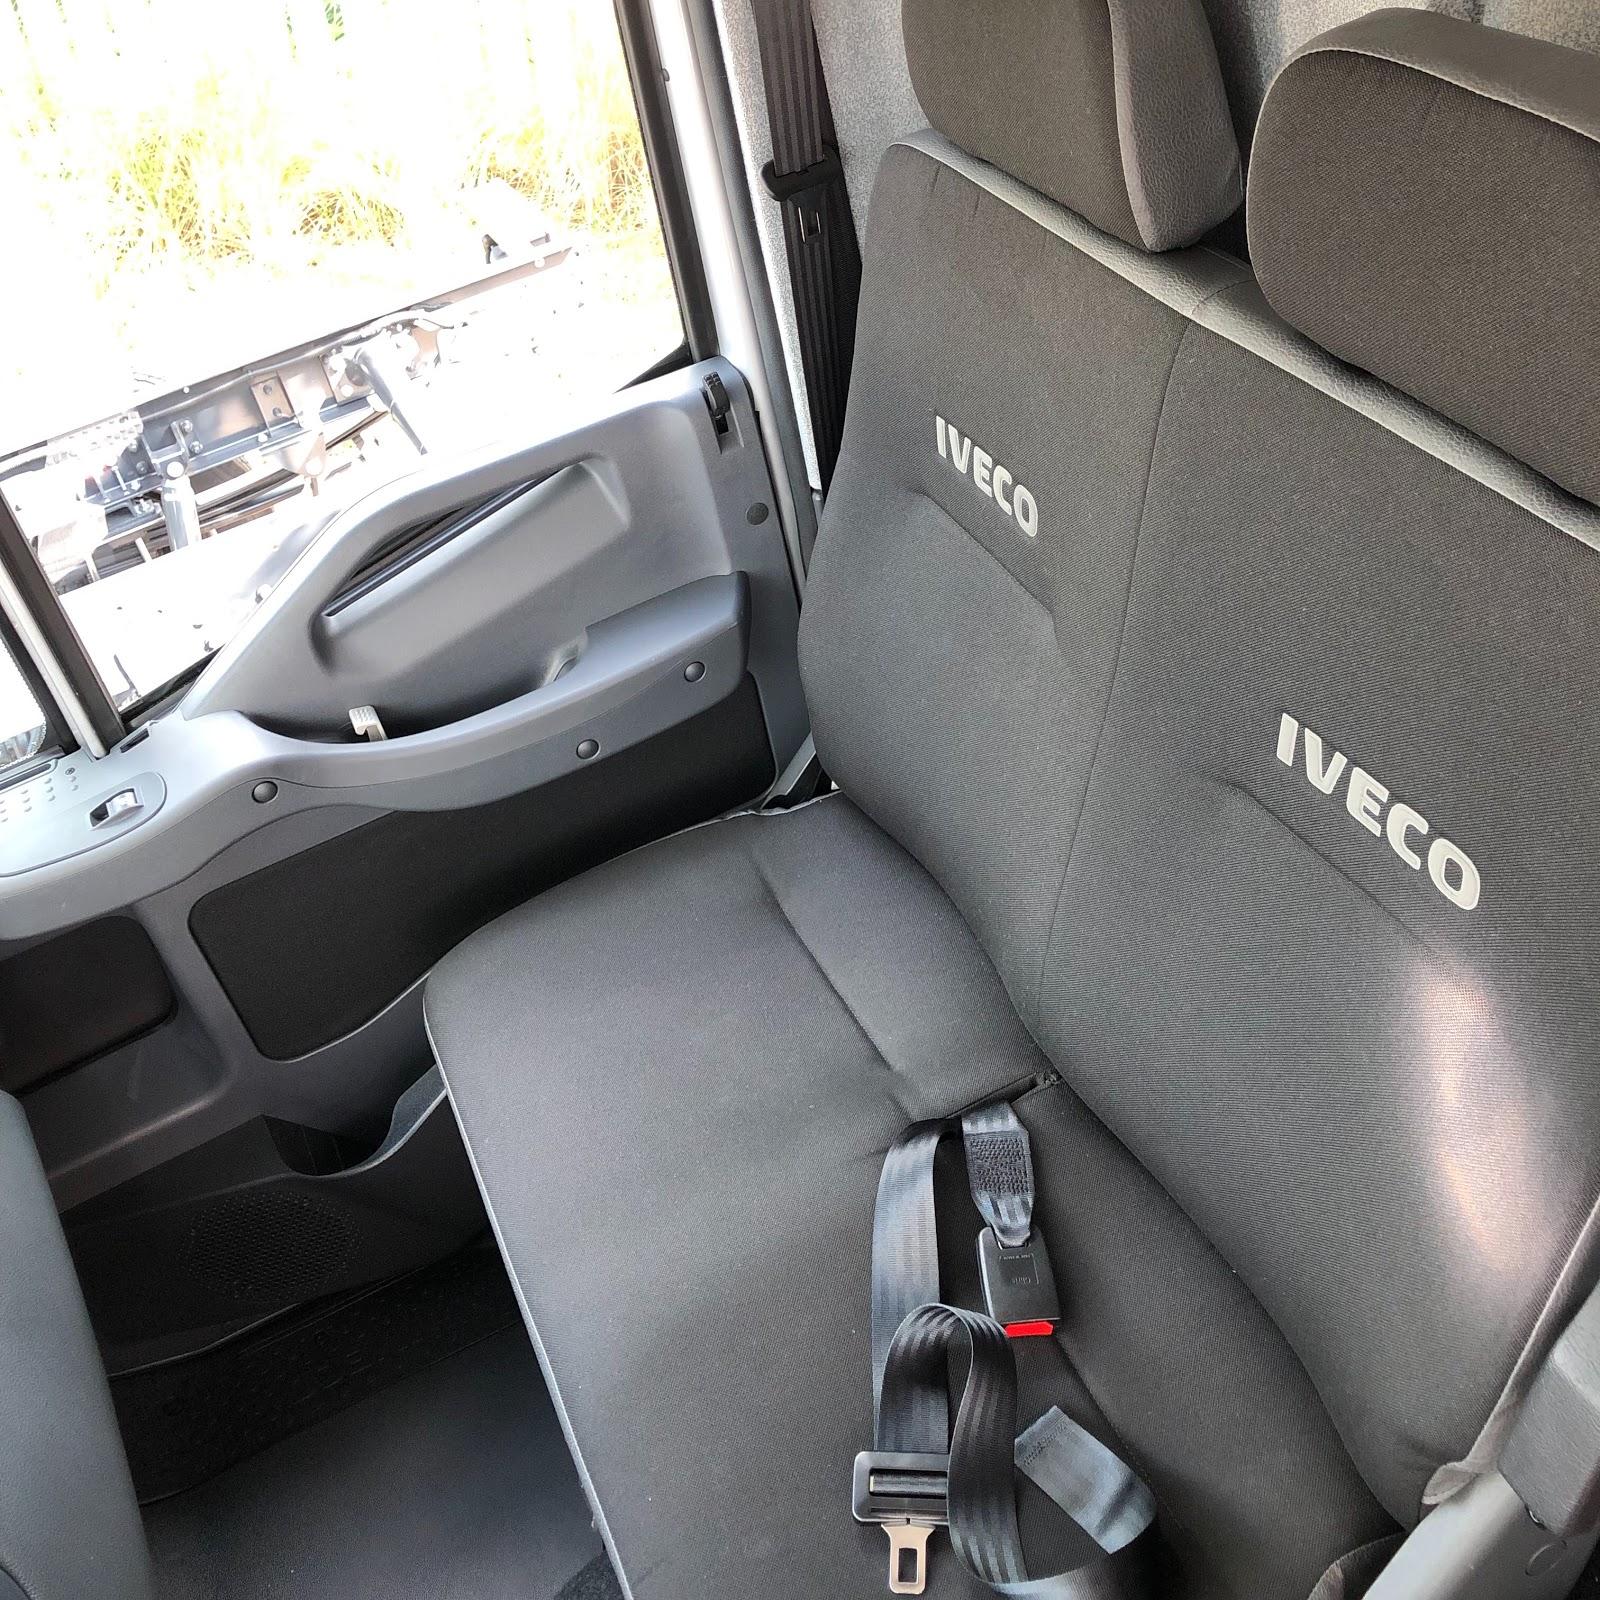 Família Iveco Tector Cresce com os modelos 9 e 11 toneladas 2